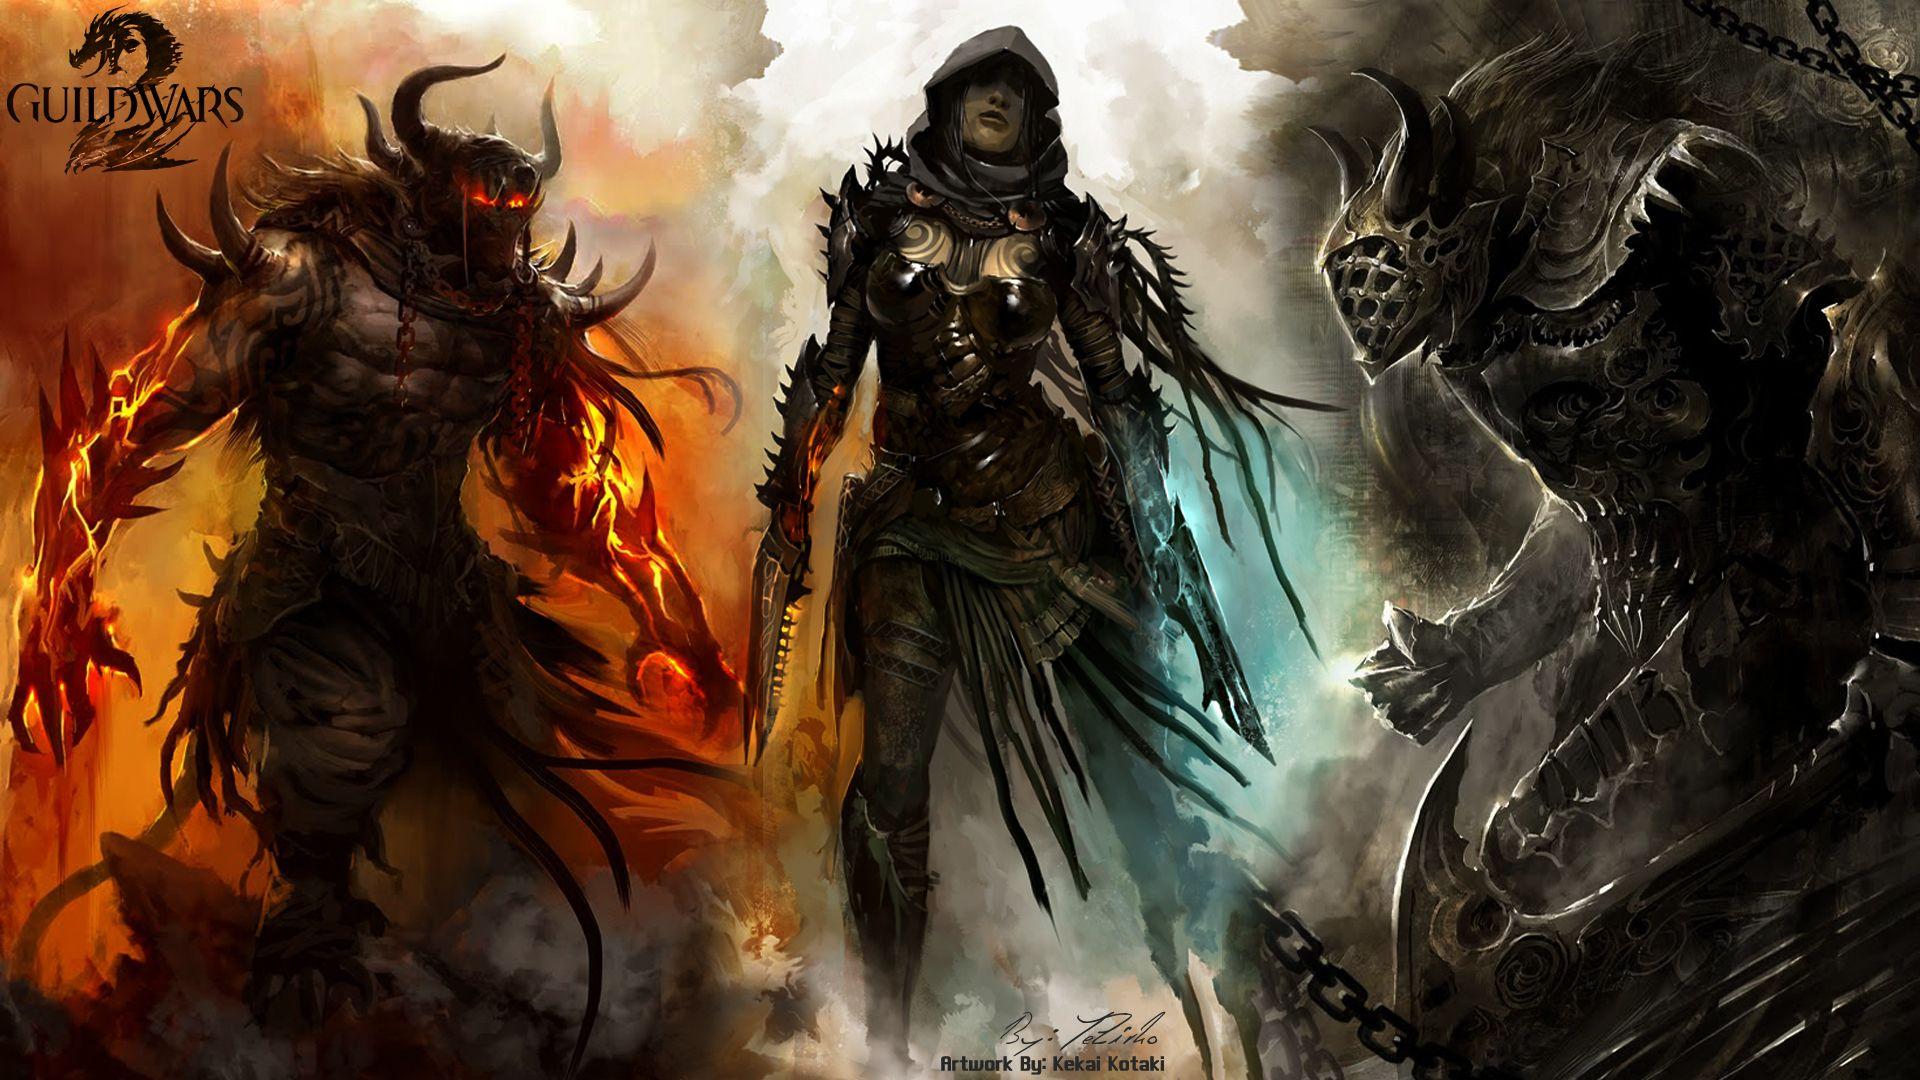 Http Cdn Wallwuzz Com Uploads War Guild Games Wallpaper Wallwuzz Hd Wallpaper 14954 Jpg Guild Wars Fantasy Art Warrior Guild Wars 2